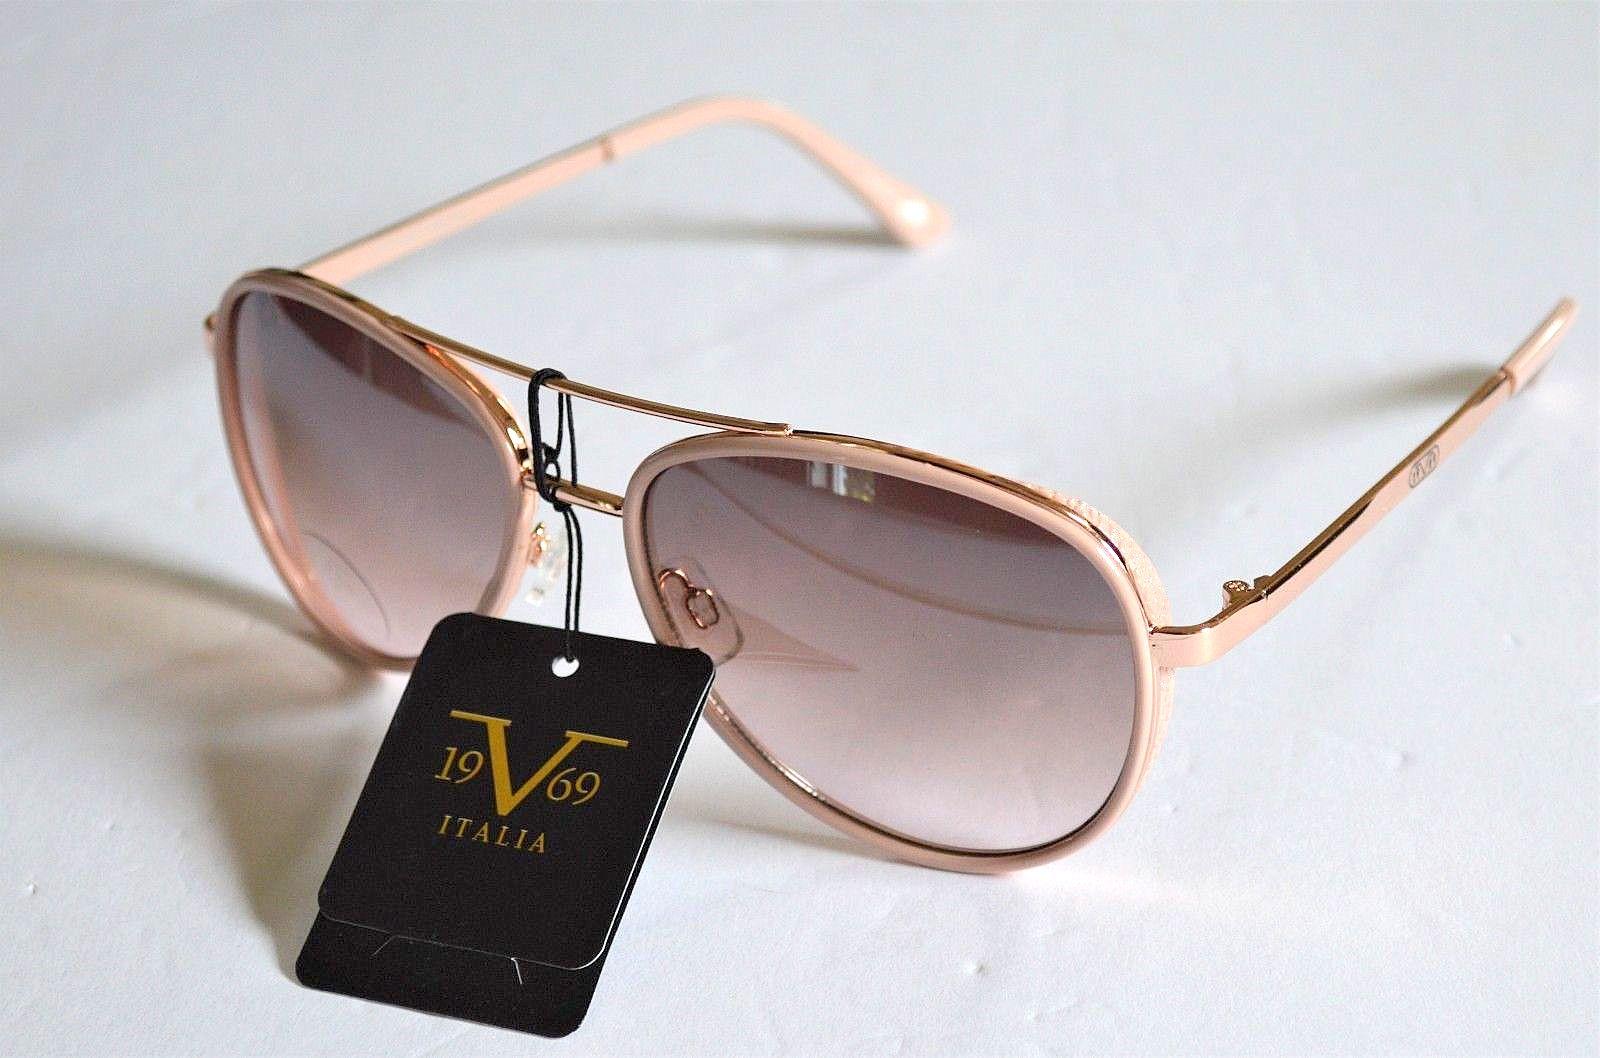 db6e109aaec13 New V1969 ITALIA Sunglasses VERSACE 1969 Abbigliamento